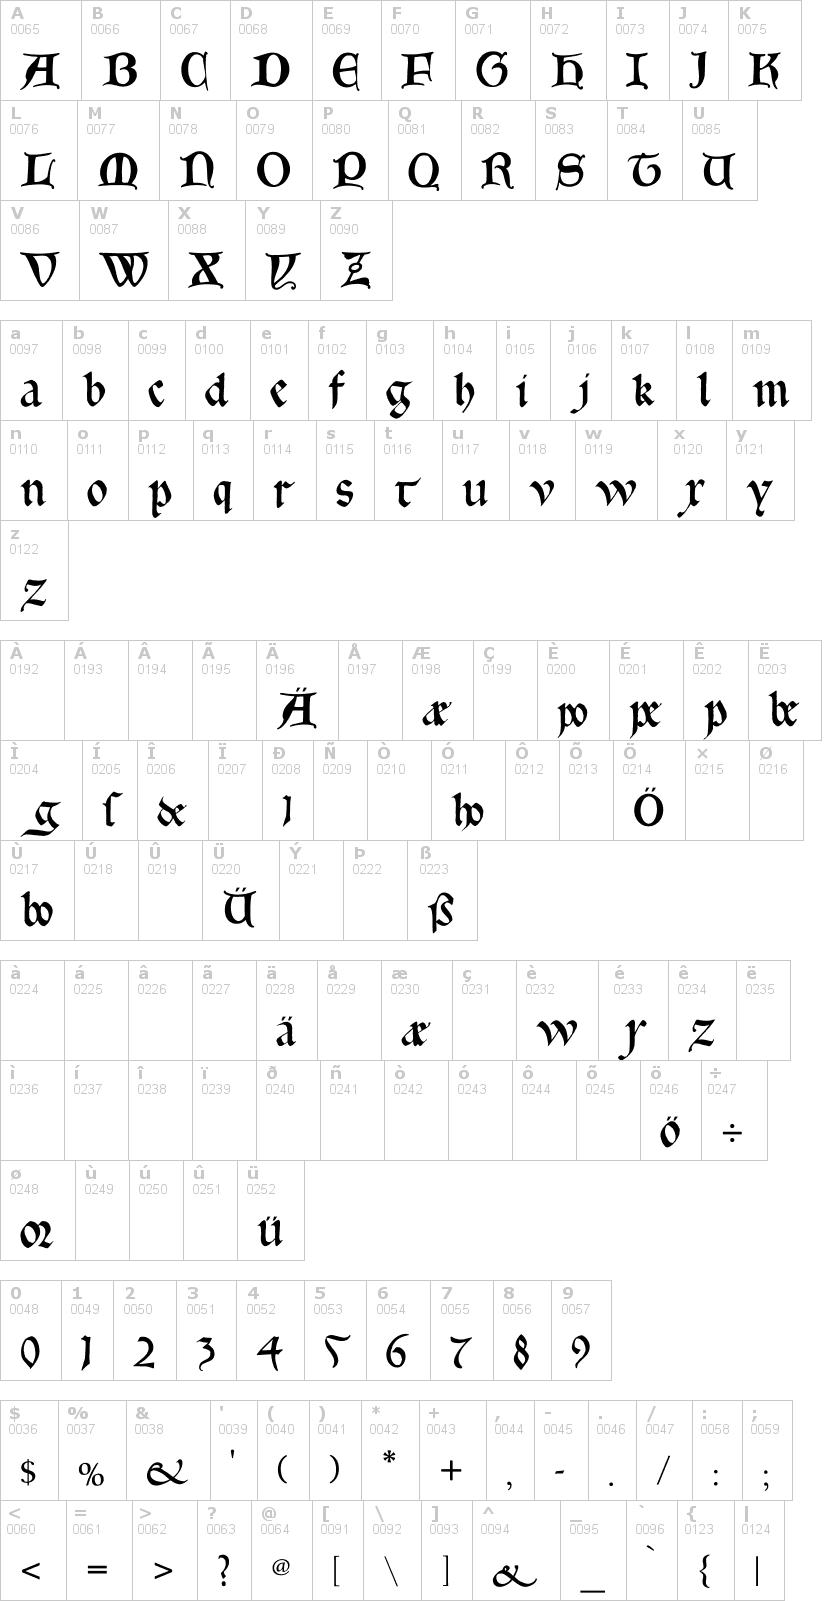 Lettere dell'alfabeto del font gotica-bastard con le quali è possibile realizzare adesivi prespaziati